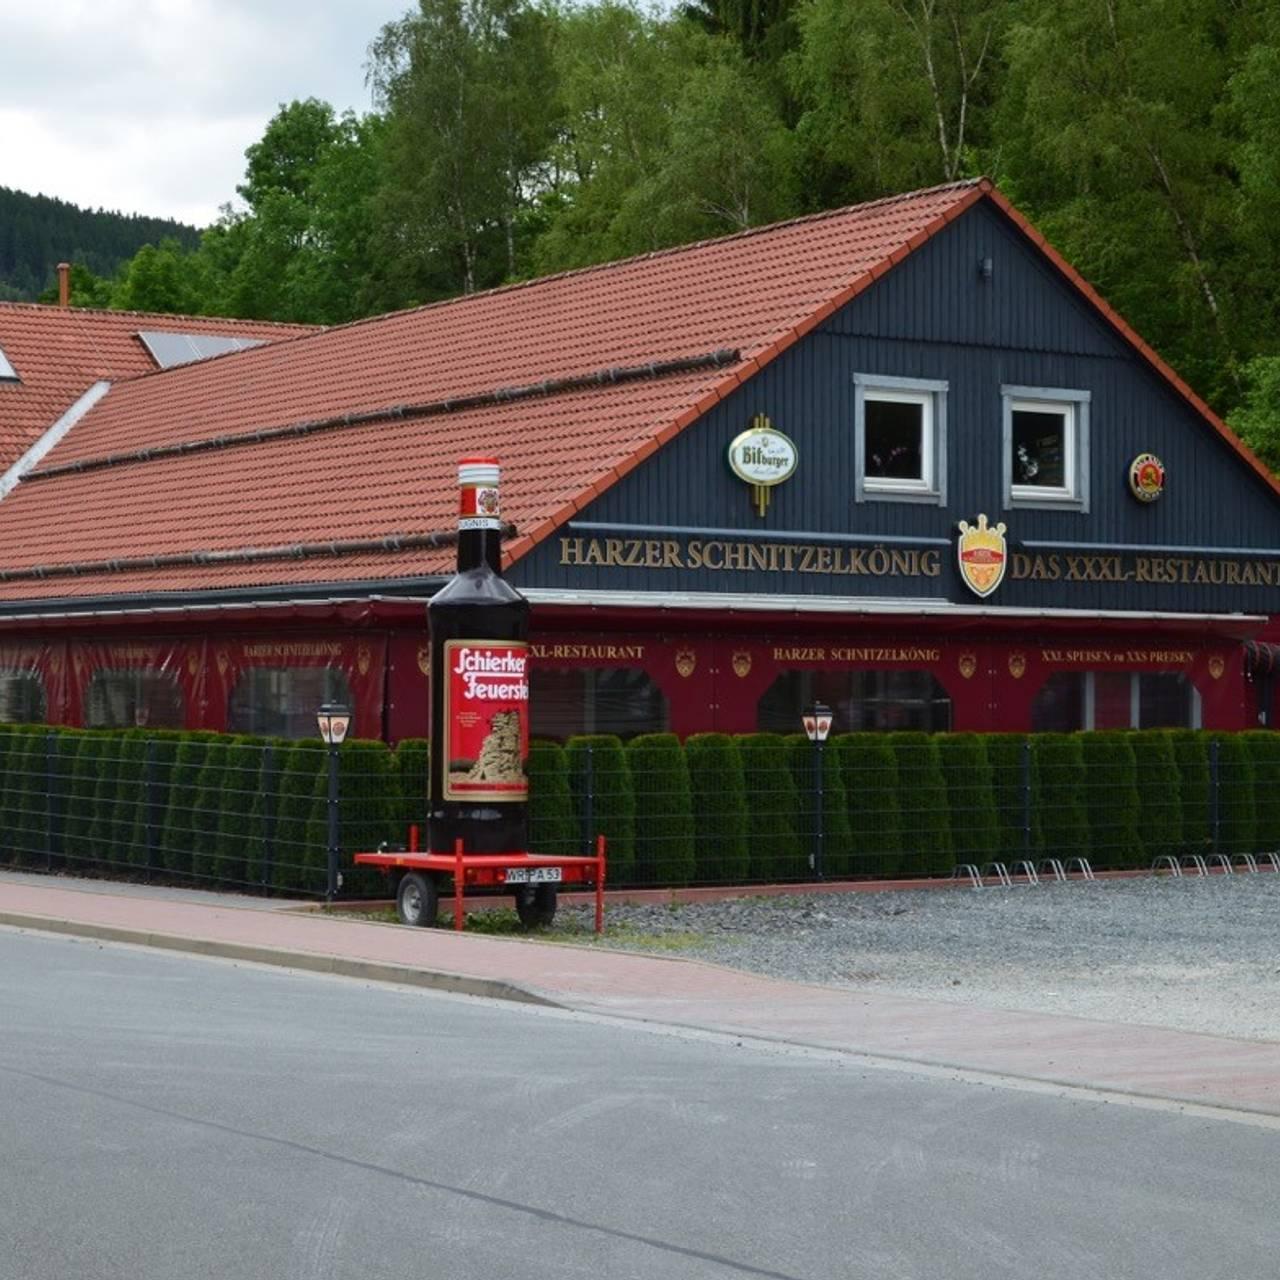 Harzer Schnitzelkönig Restaurant Lautenthal Ni Opentable